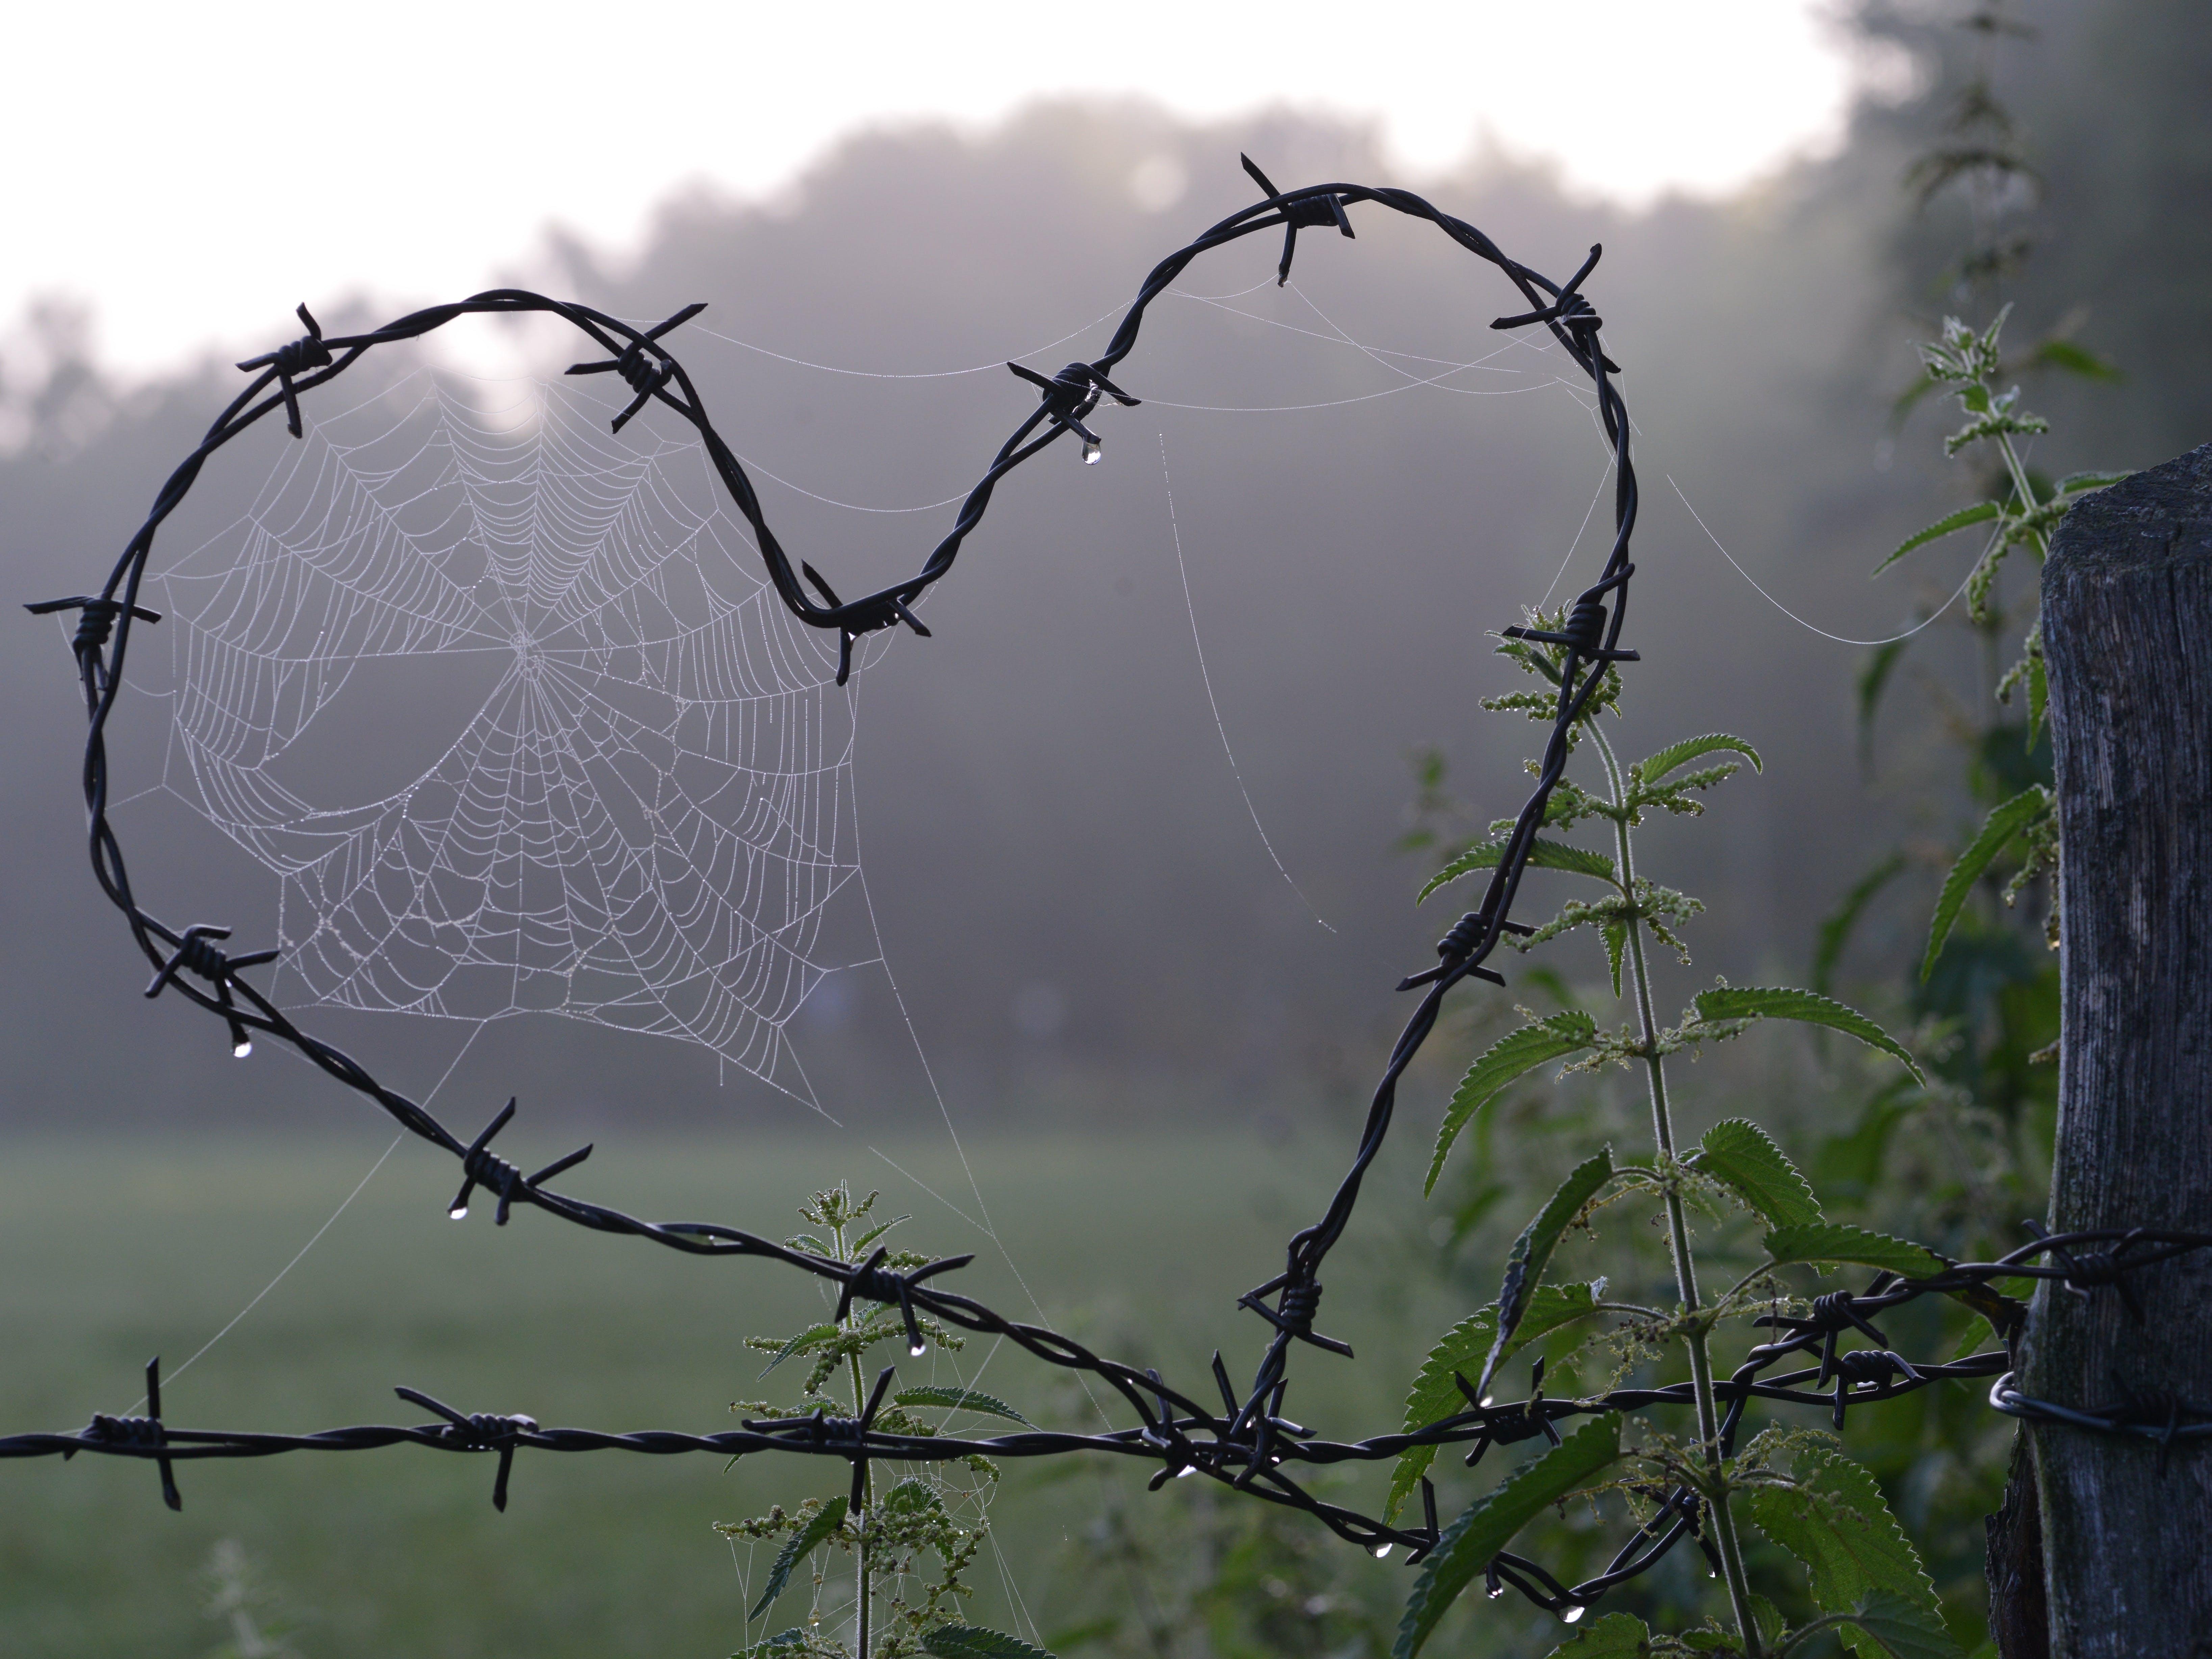 Free stock photo of love, heart, cobweb